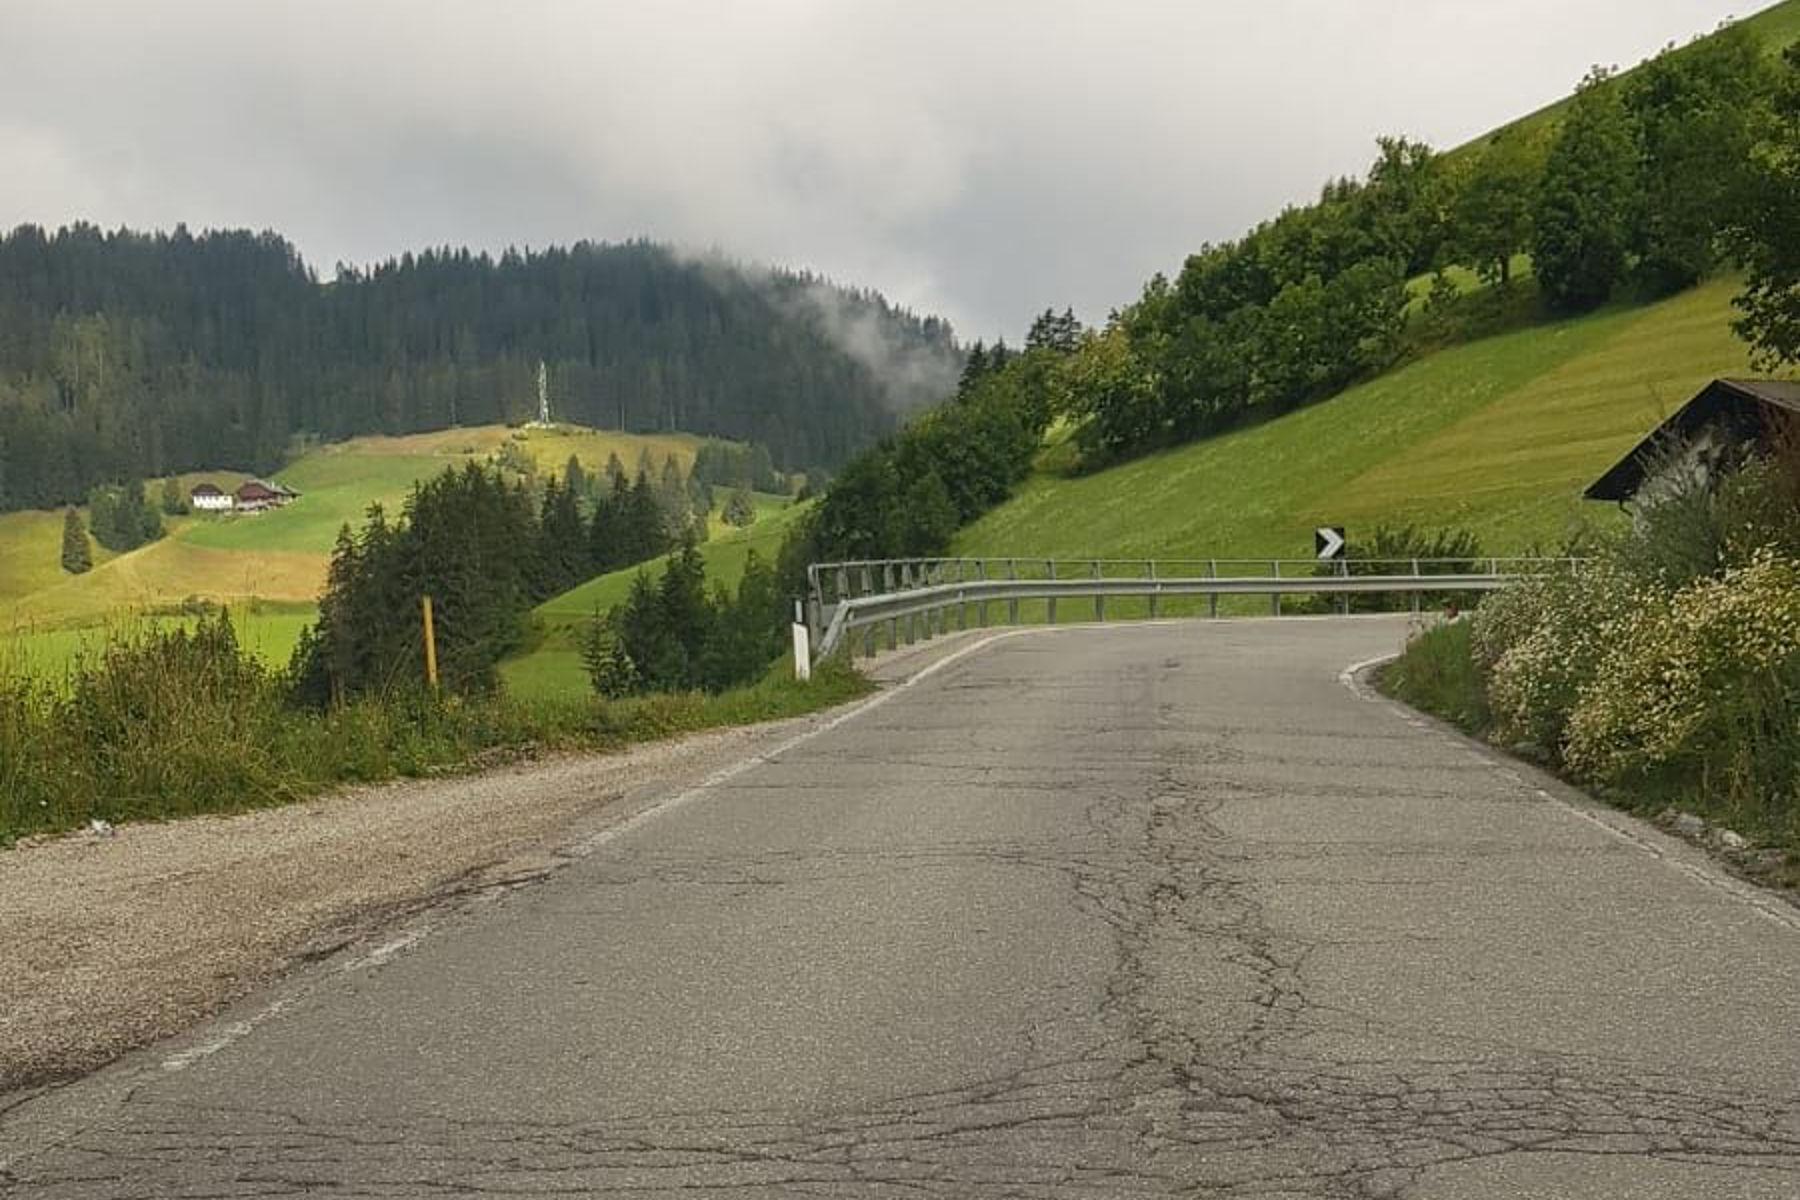 Straßenzustand weiterhin prekärSüd-Tiroler Freiheit informiert sich in Ost-Tirol!